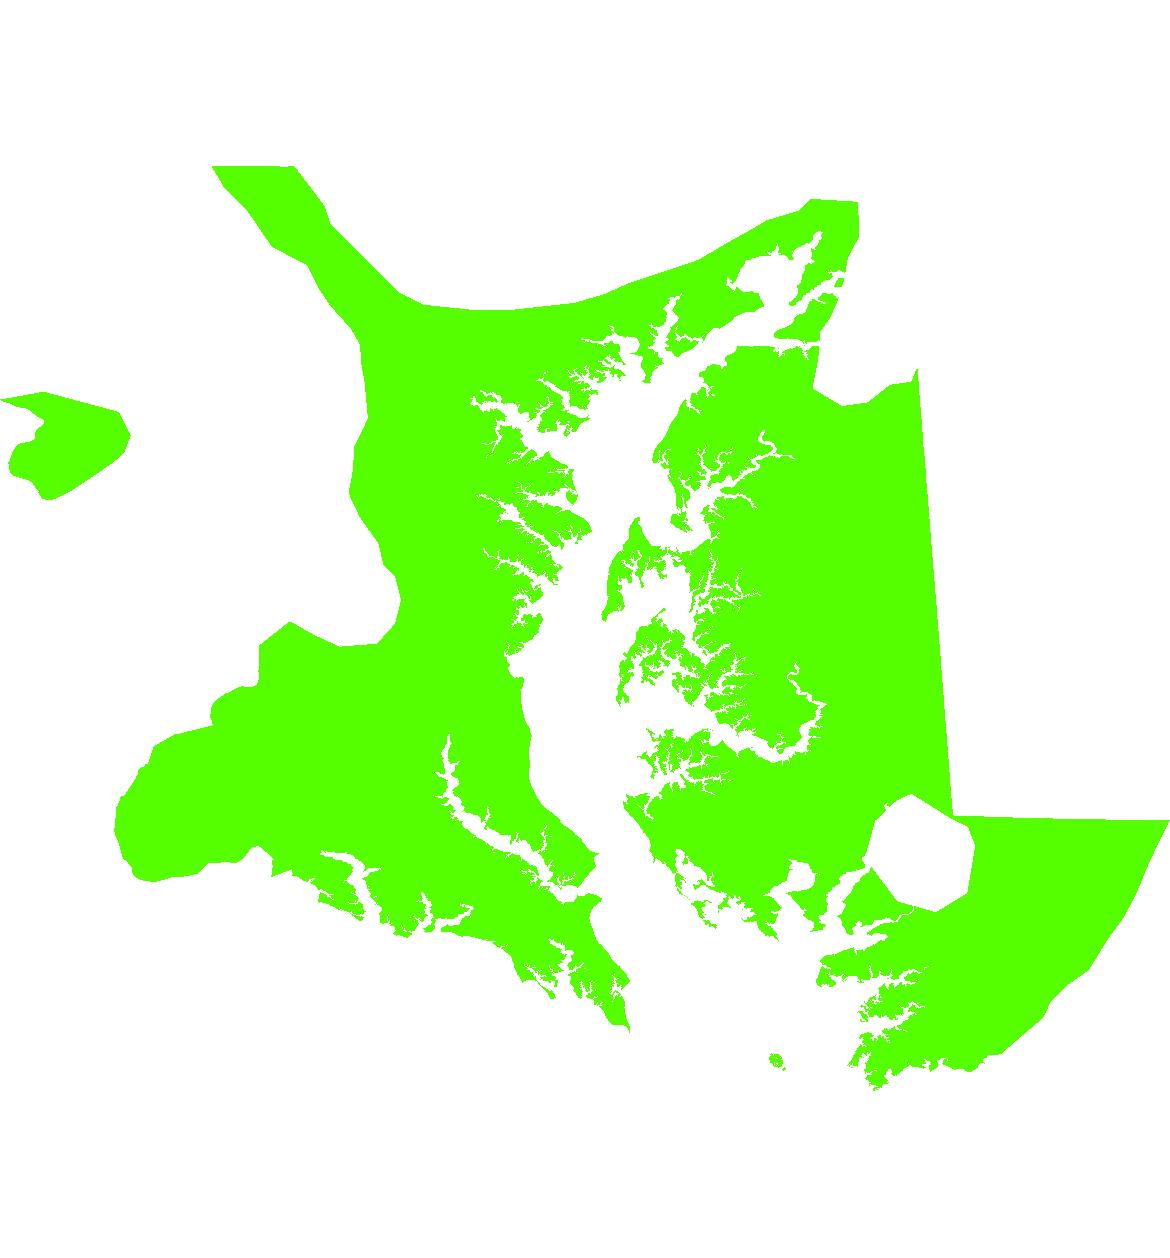 Maryland Interactive USDA Plant Hardiness Zone Map